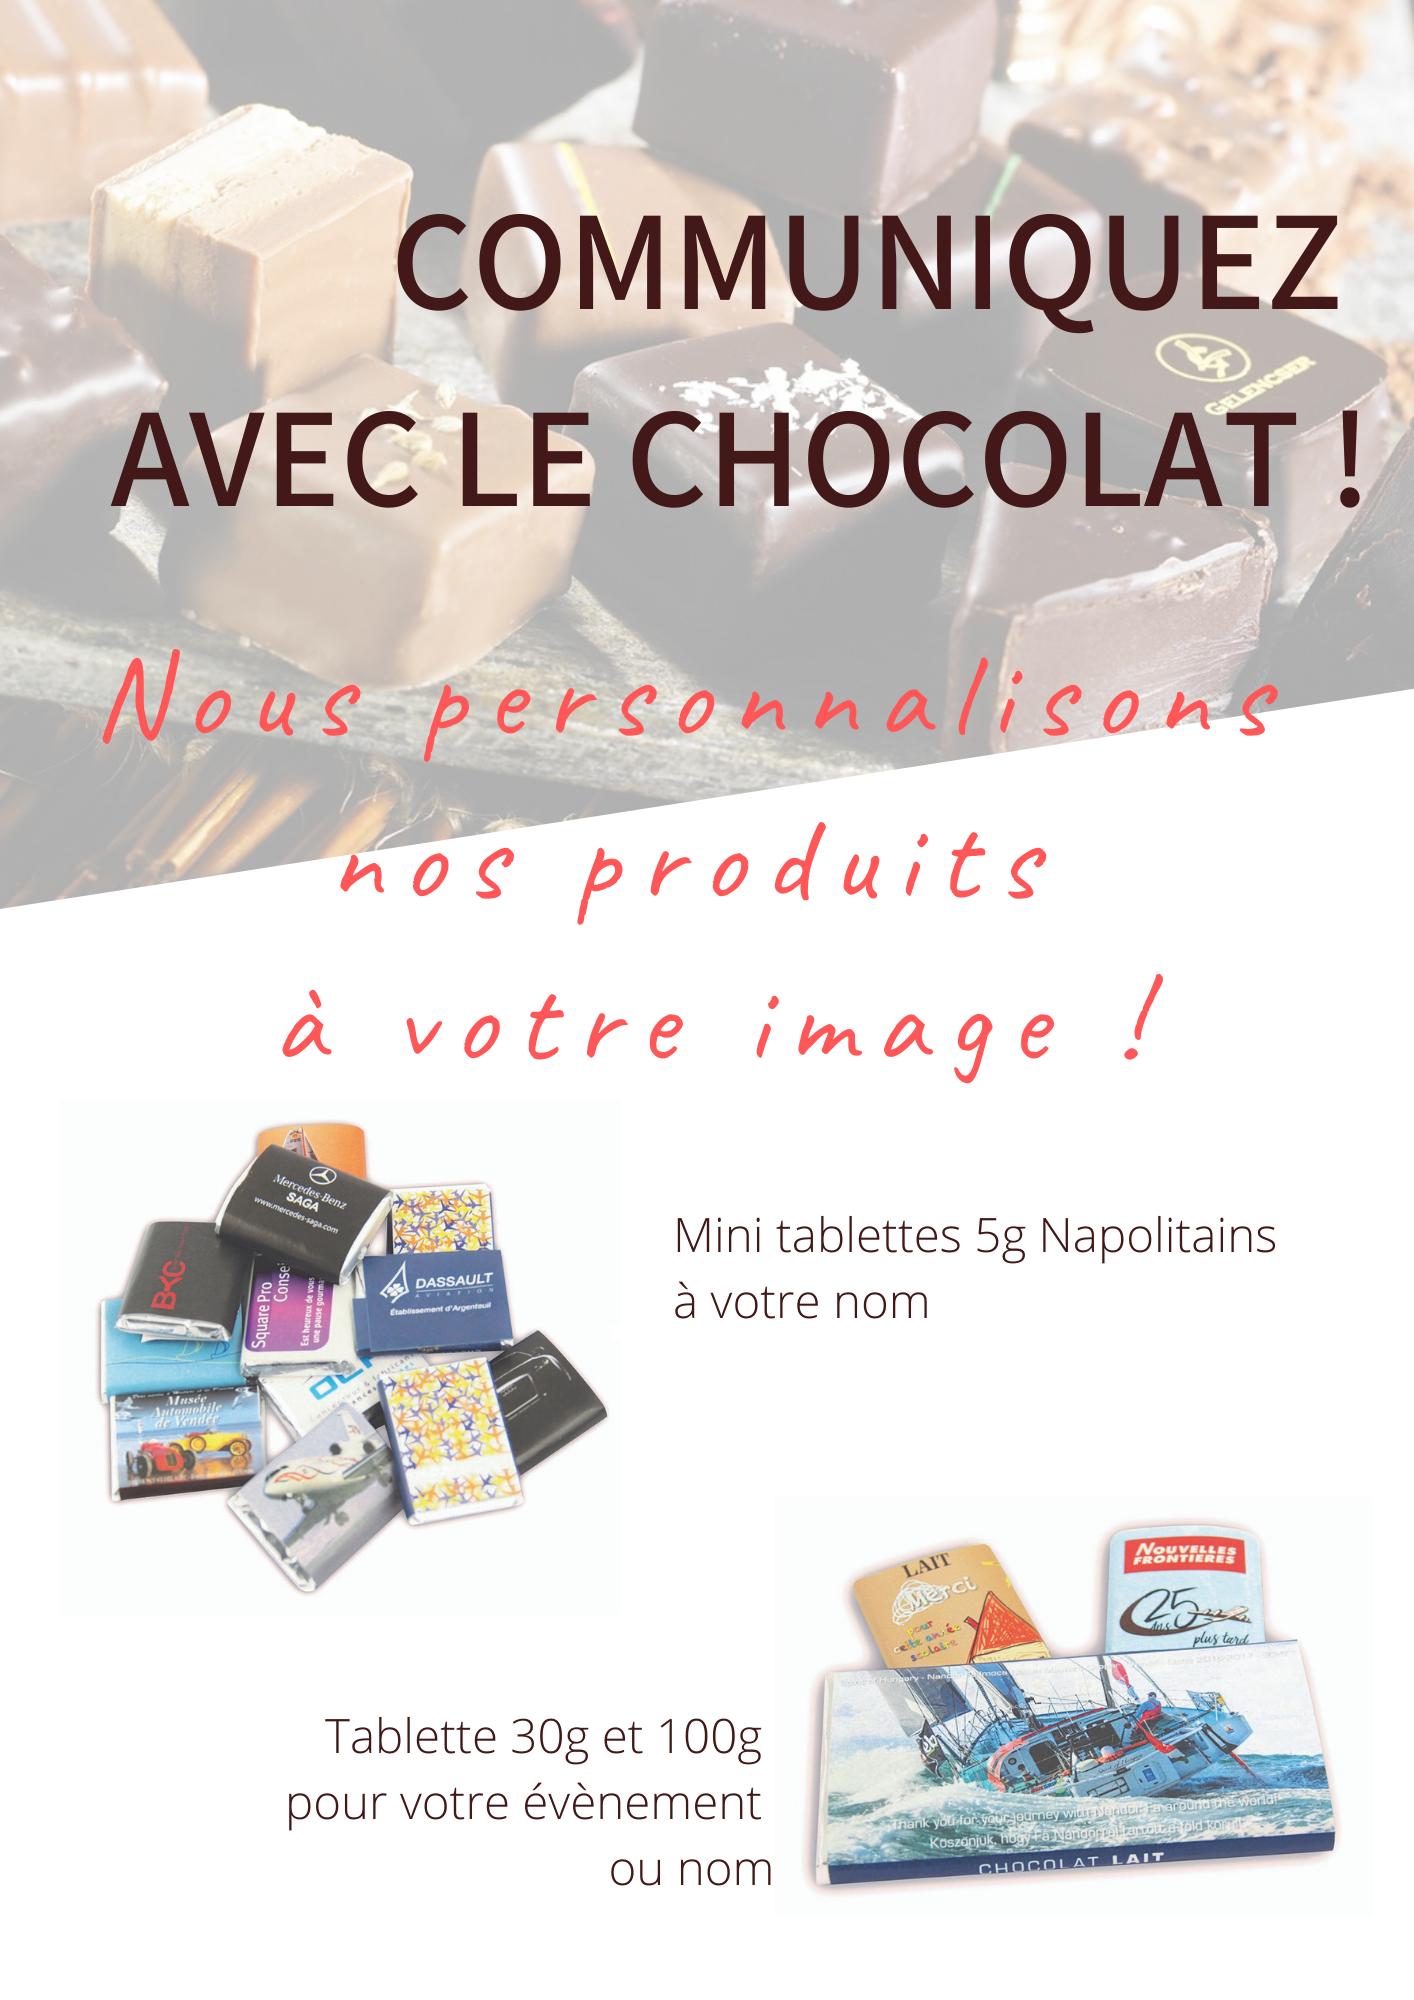 Communiquez avec le chocolat !